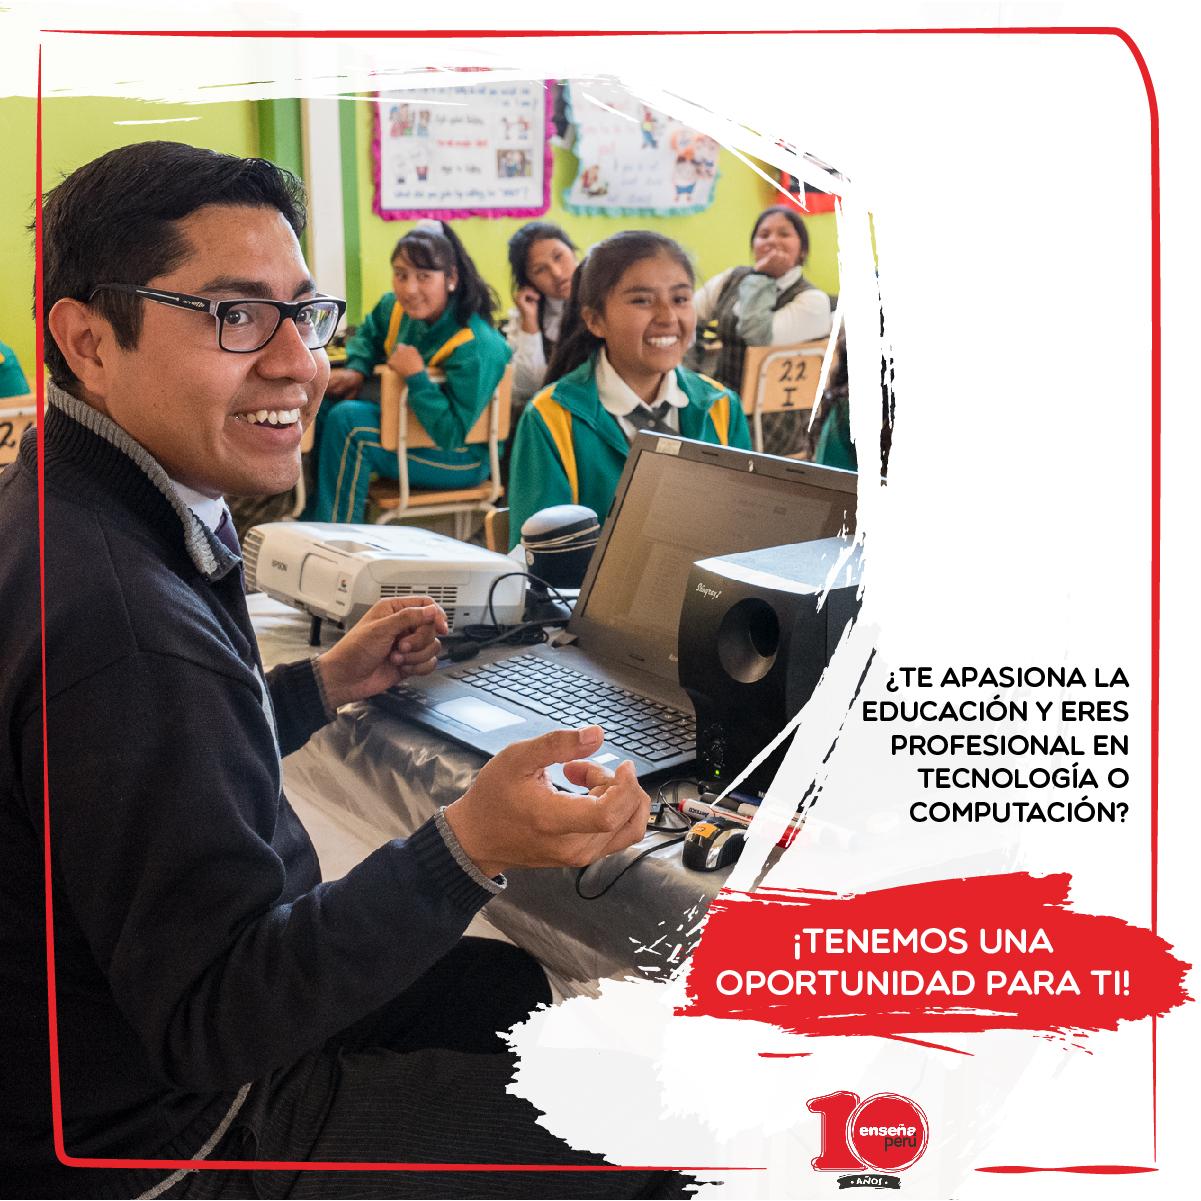 - Convocatoria para profesor de primaria para colegio en San Sebastian (Cusco)Puesto: Profesor de primaria en la I.E. Kari GrandeRegión de trabajo: Distrito de San Sebastian - CuscoGrados a cargo: 4to, 5to y 6to de primariaCursos: Inglés, Matemática y Taller de RobóticaHorario: 7:30 a.m. a 3:30 p.m. de lunes a viernes (30 horas de dictado aprox.)Contrato: En planilla - De junio a diciembre 2019Disposición: Inmediata